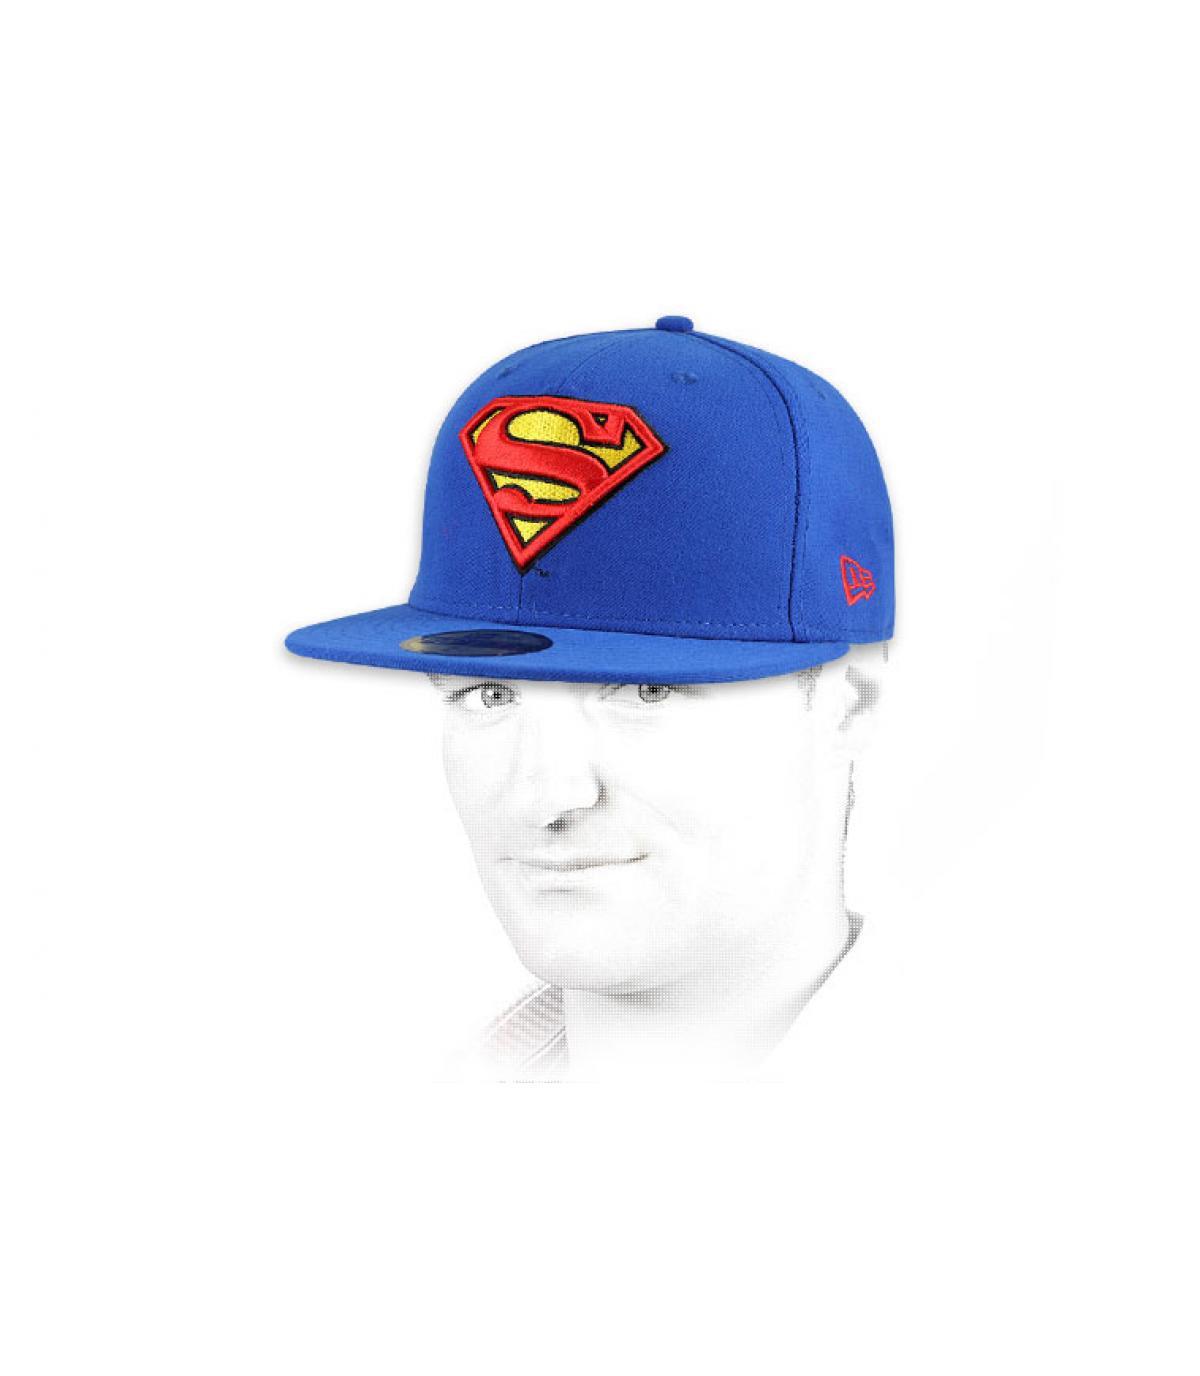 Détails Casquette Superman 59fifty - image 4